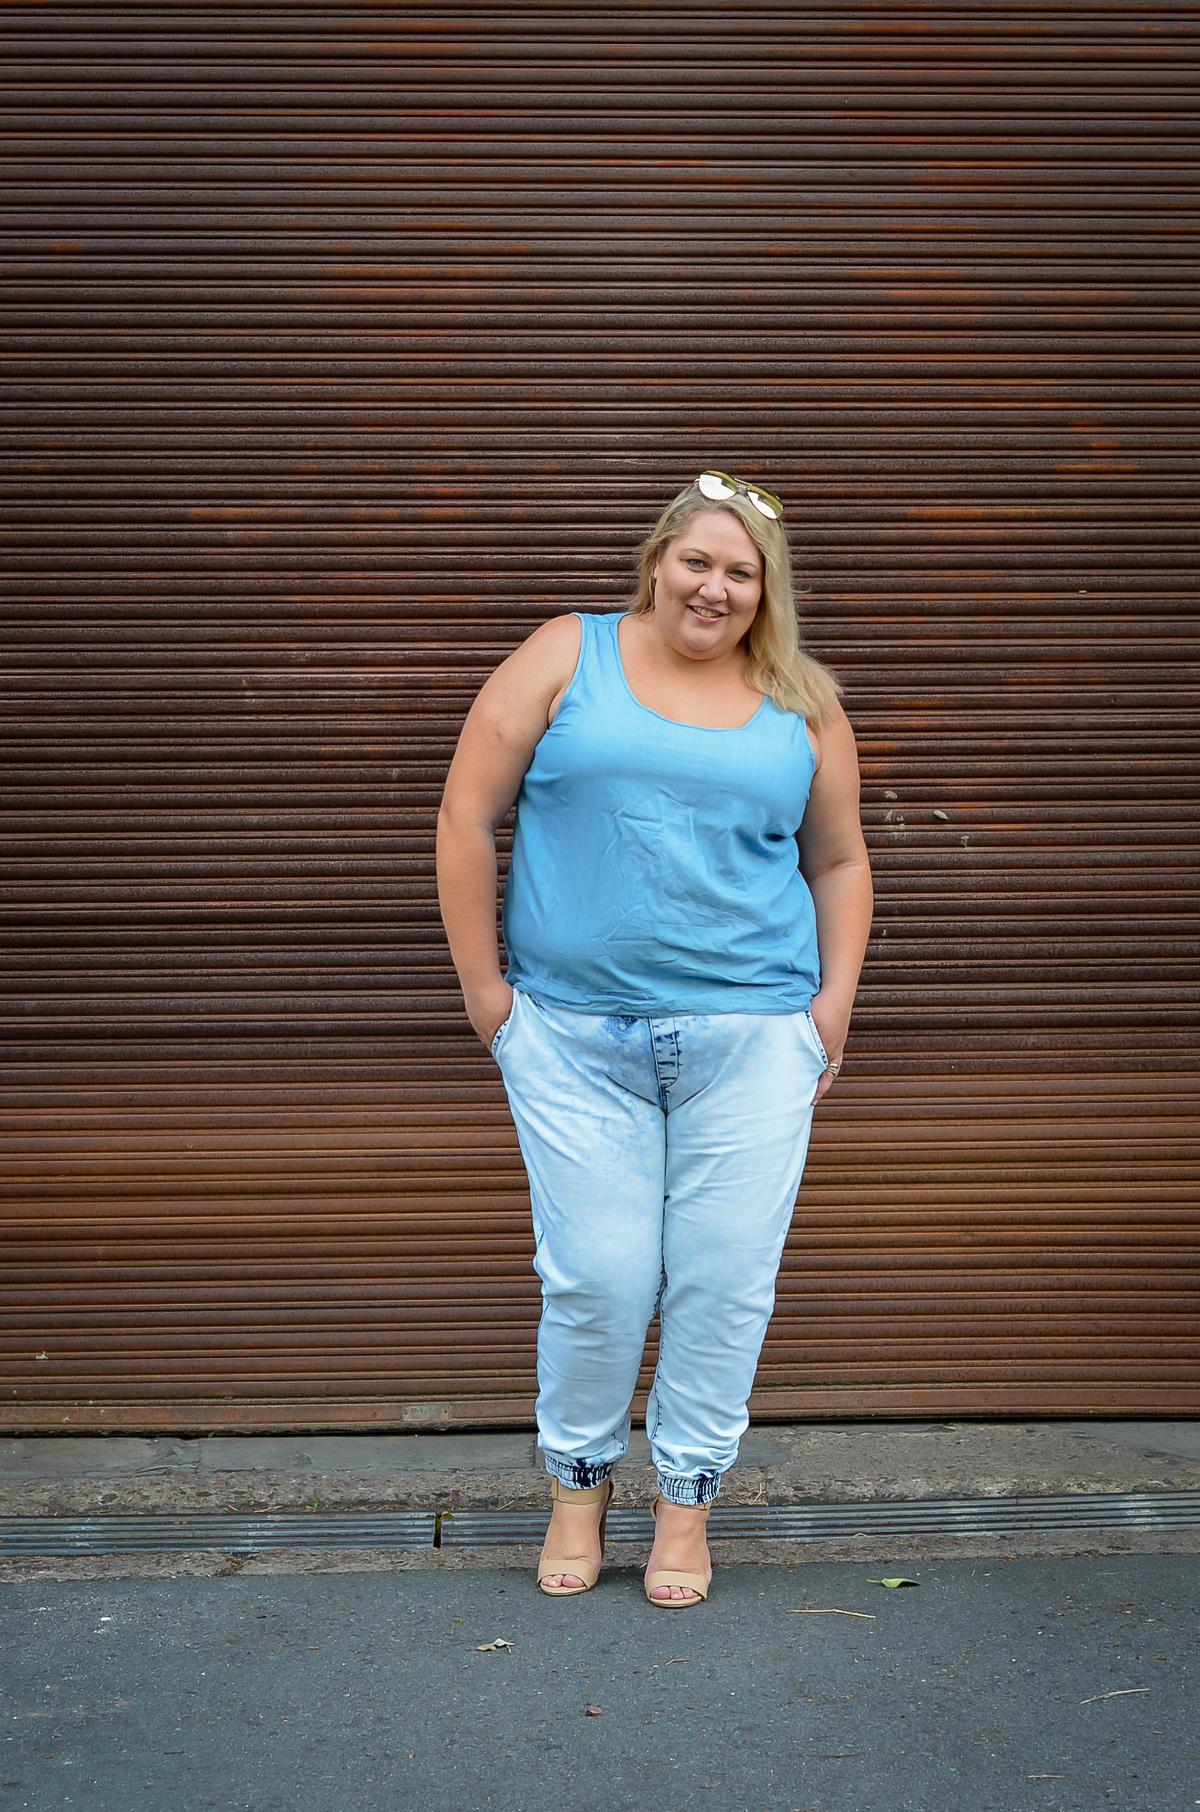 plus size double denim 17 sundays joggers blogger outfit-4